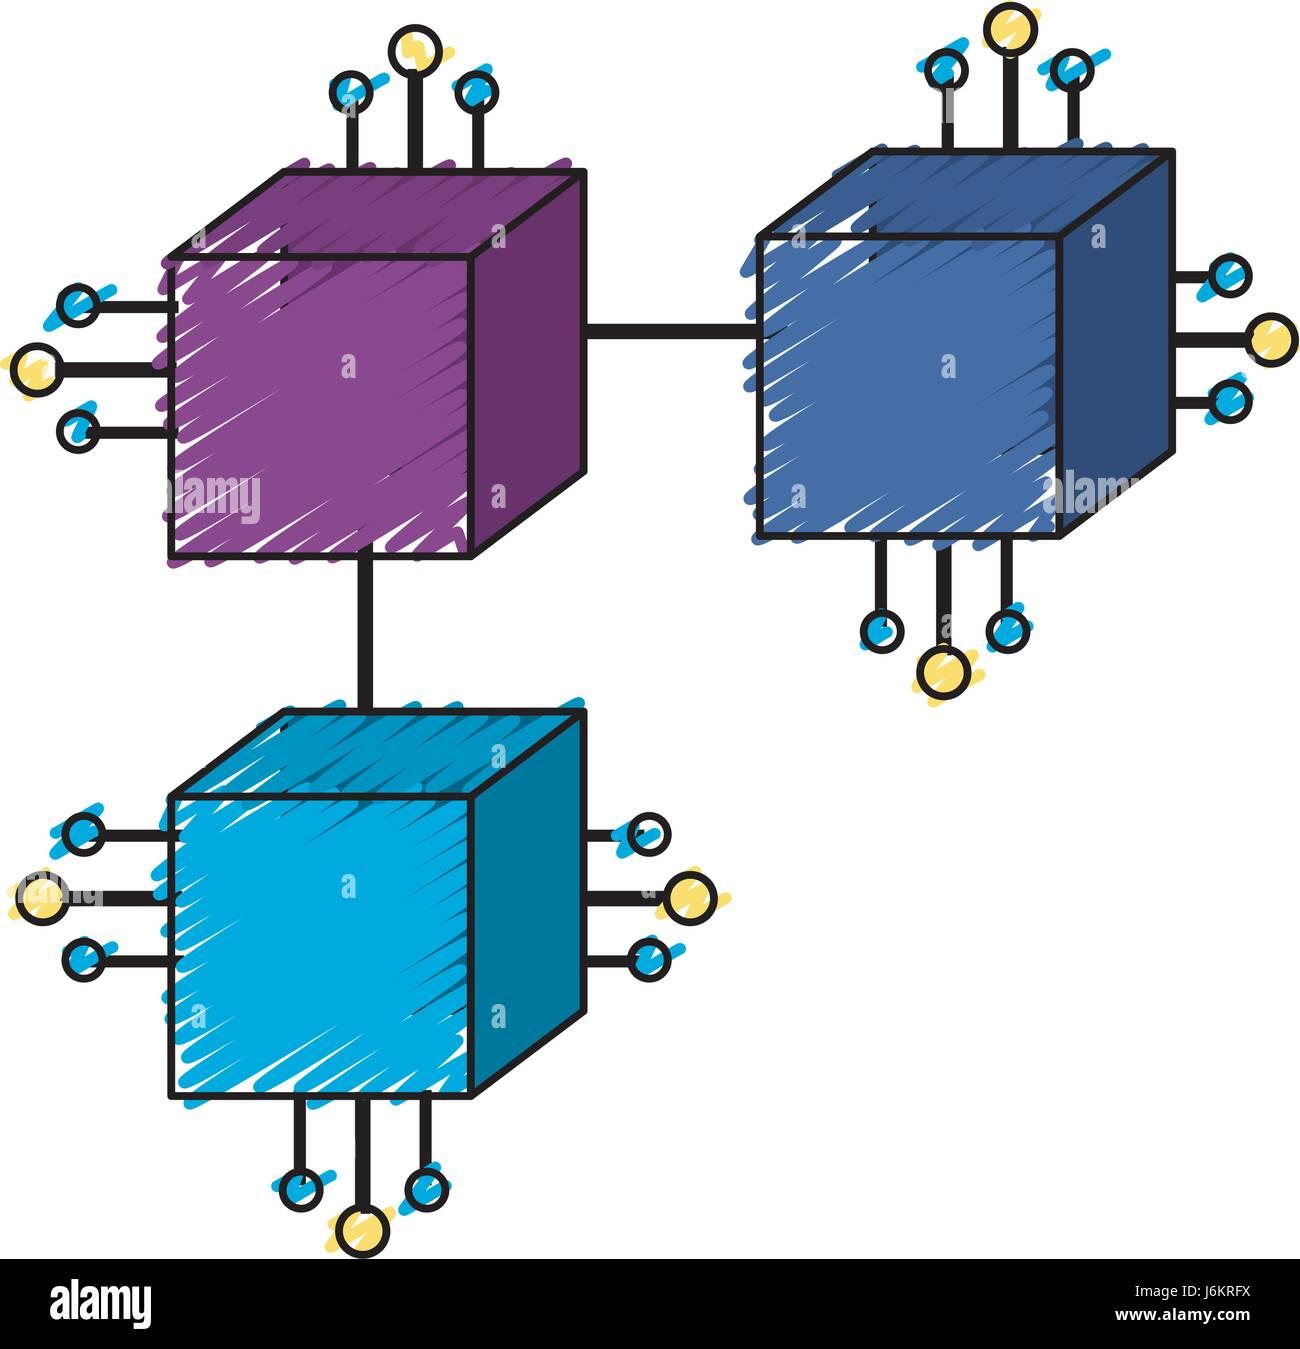 Quadrate Digitalanschlüsse mit elektronischen Schaltungen Stockbild